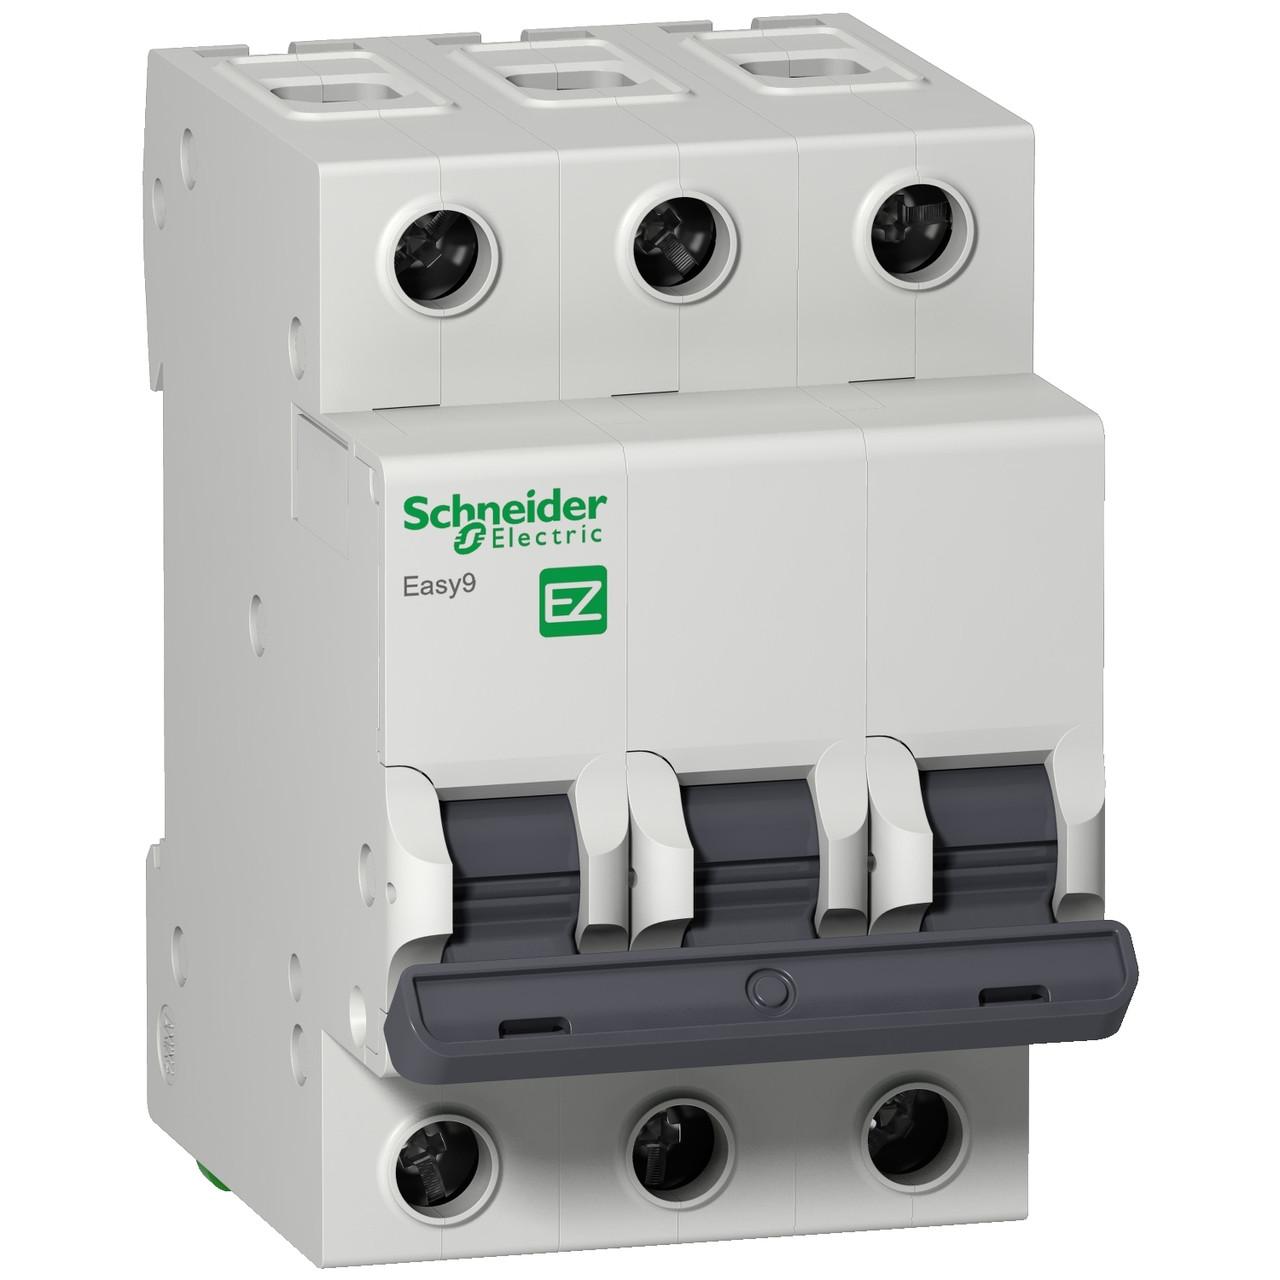 Автоматический выключатель EZ9F14306 Easy9 Schneider 3P, 6A, тип «B»